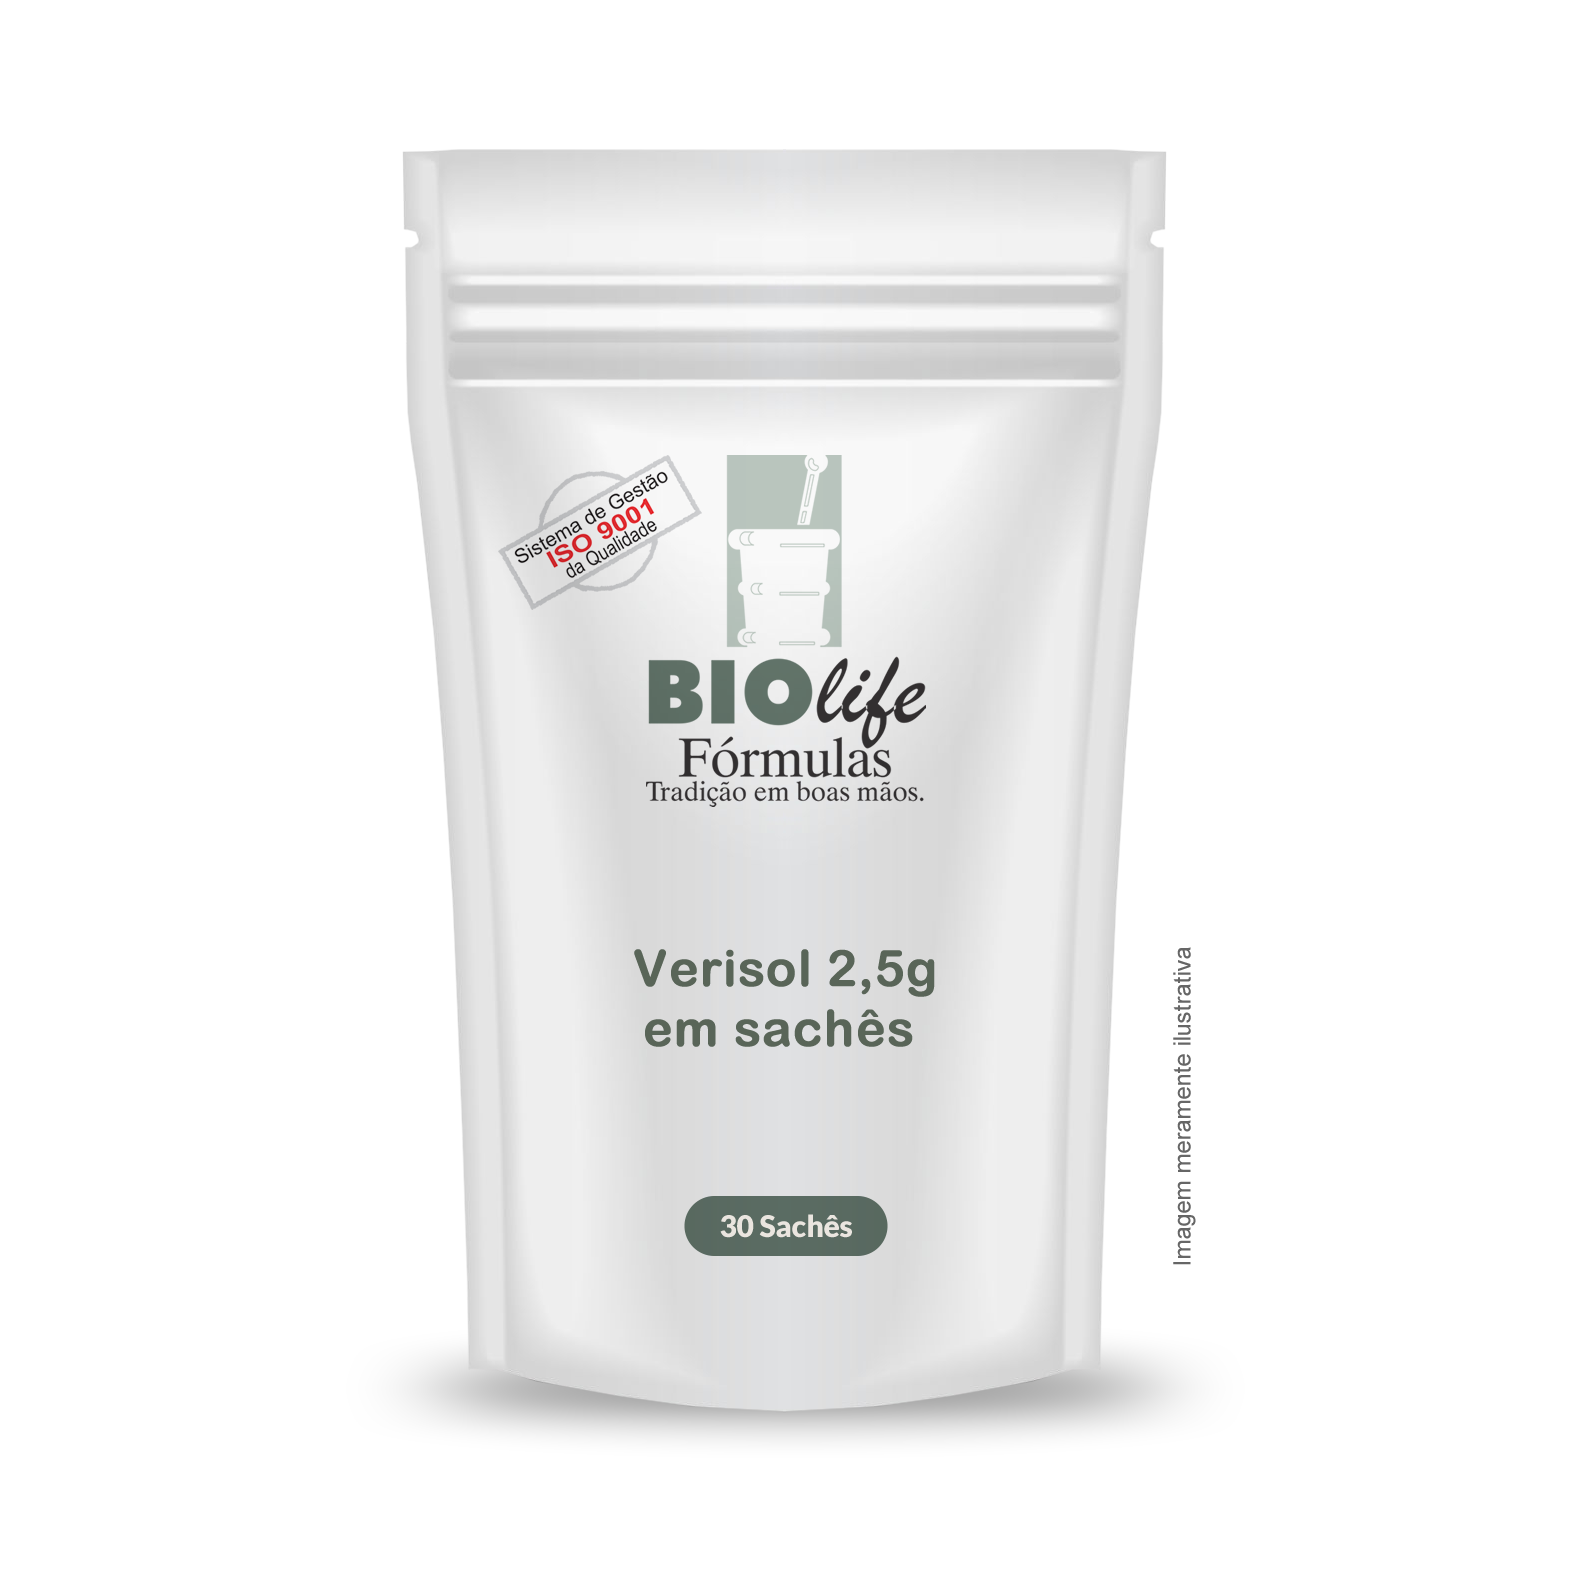 Verisol 2,5g em sachês - 30 unidades